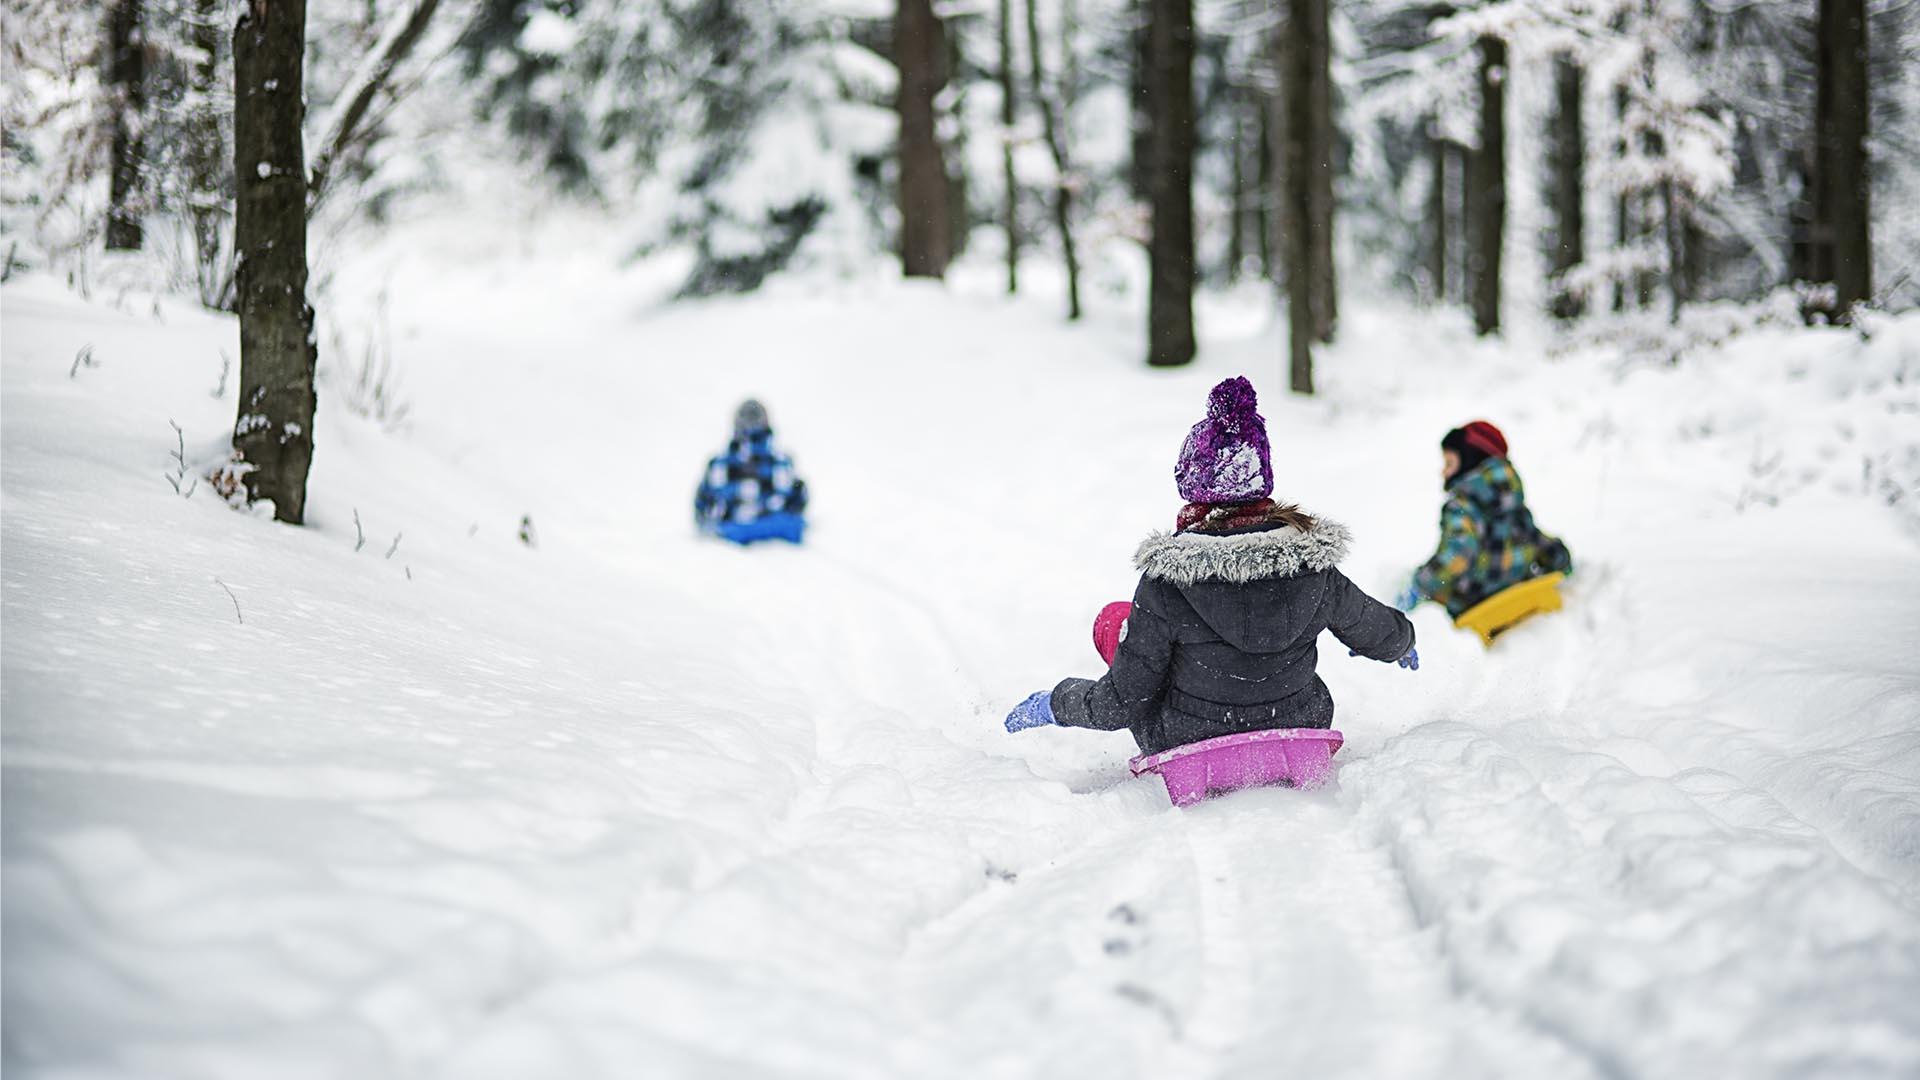 Ulkoilun iloa talvella – luistelun alkeet